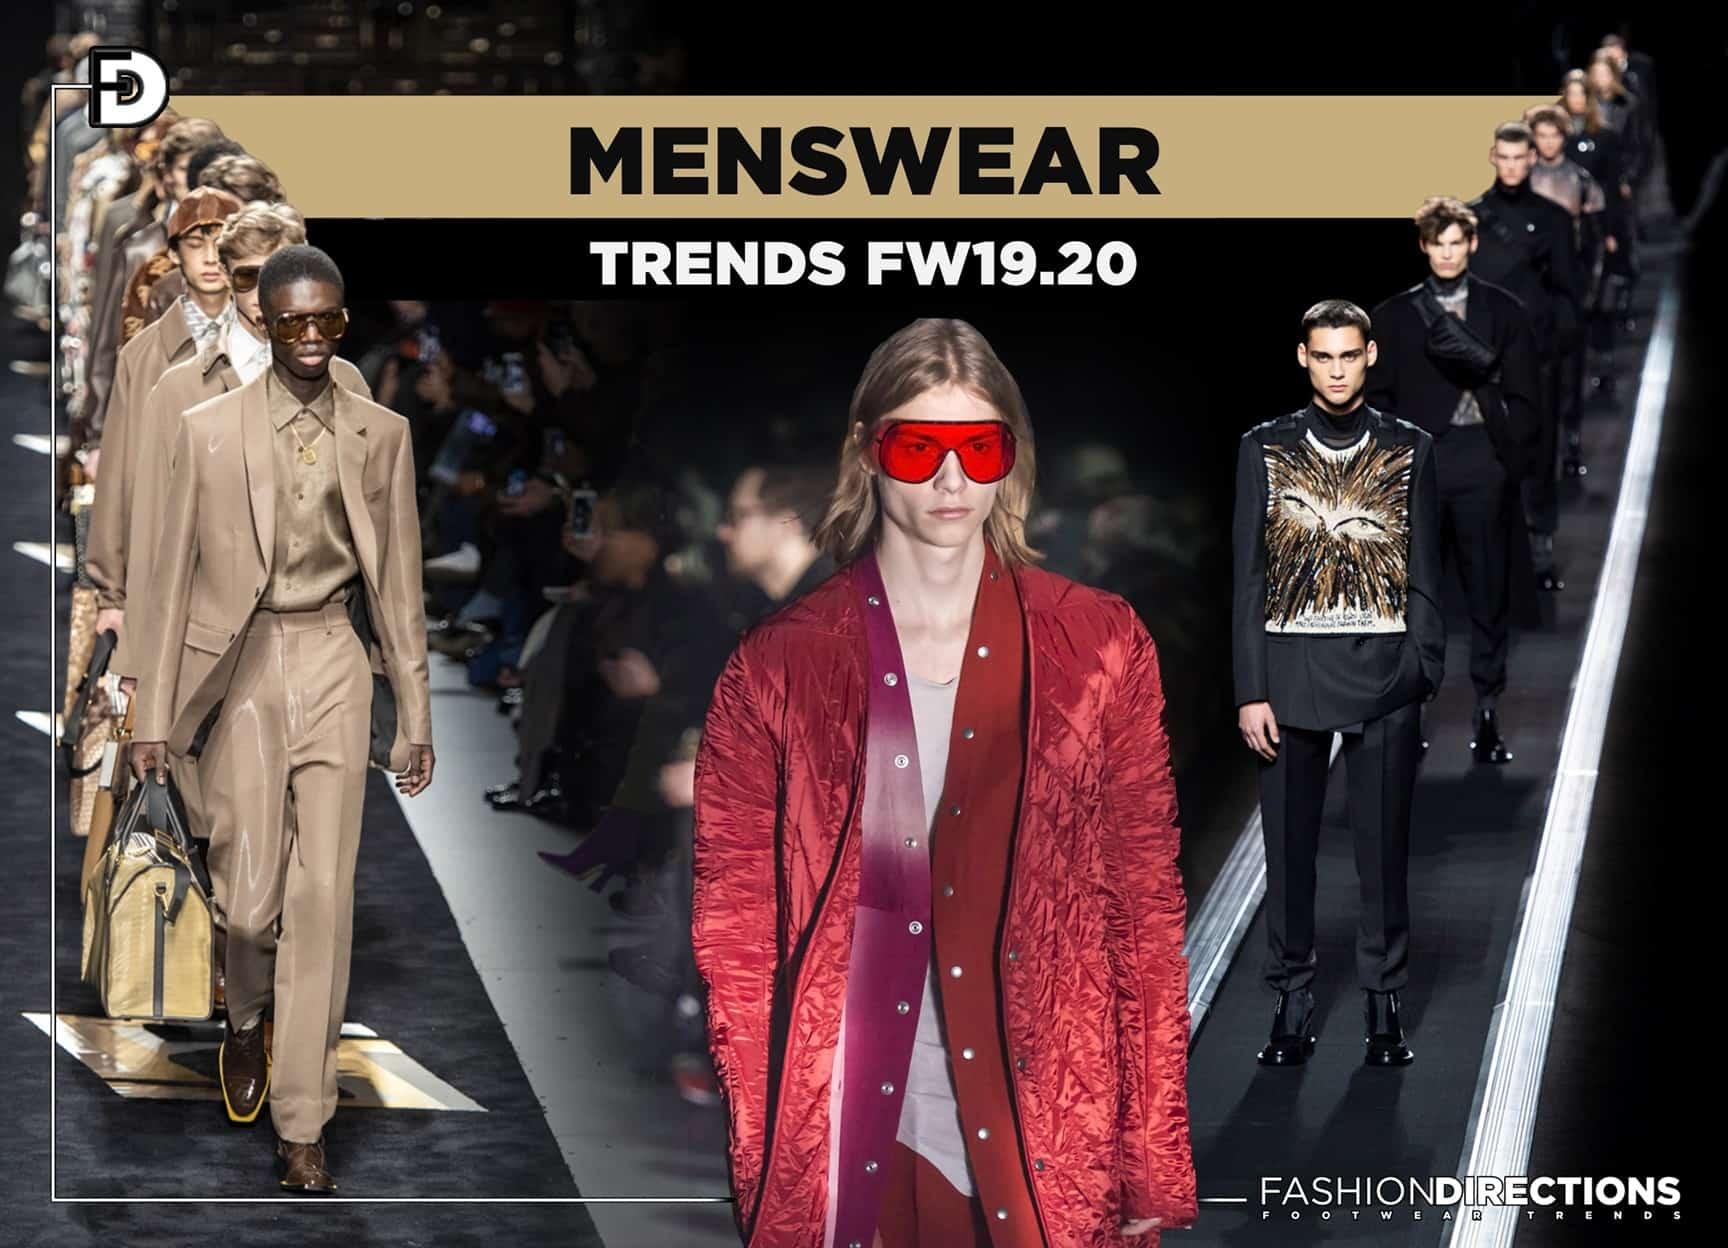 FW19.20 Menswear trends 1